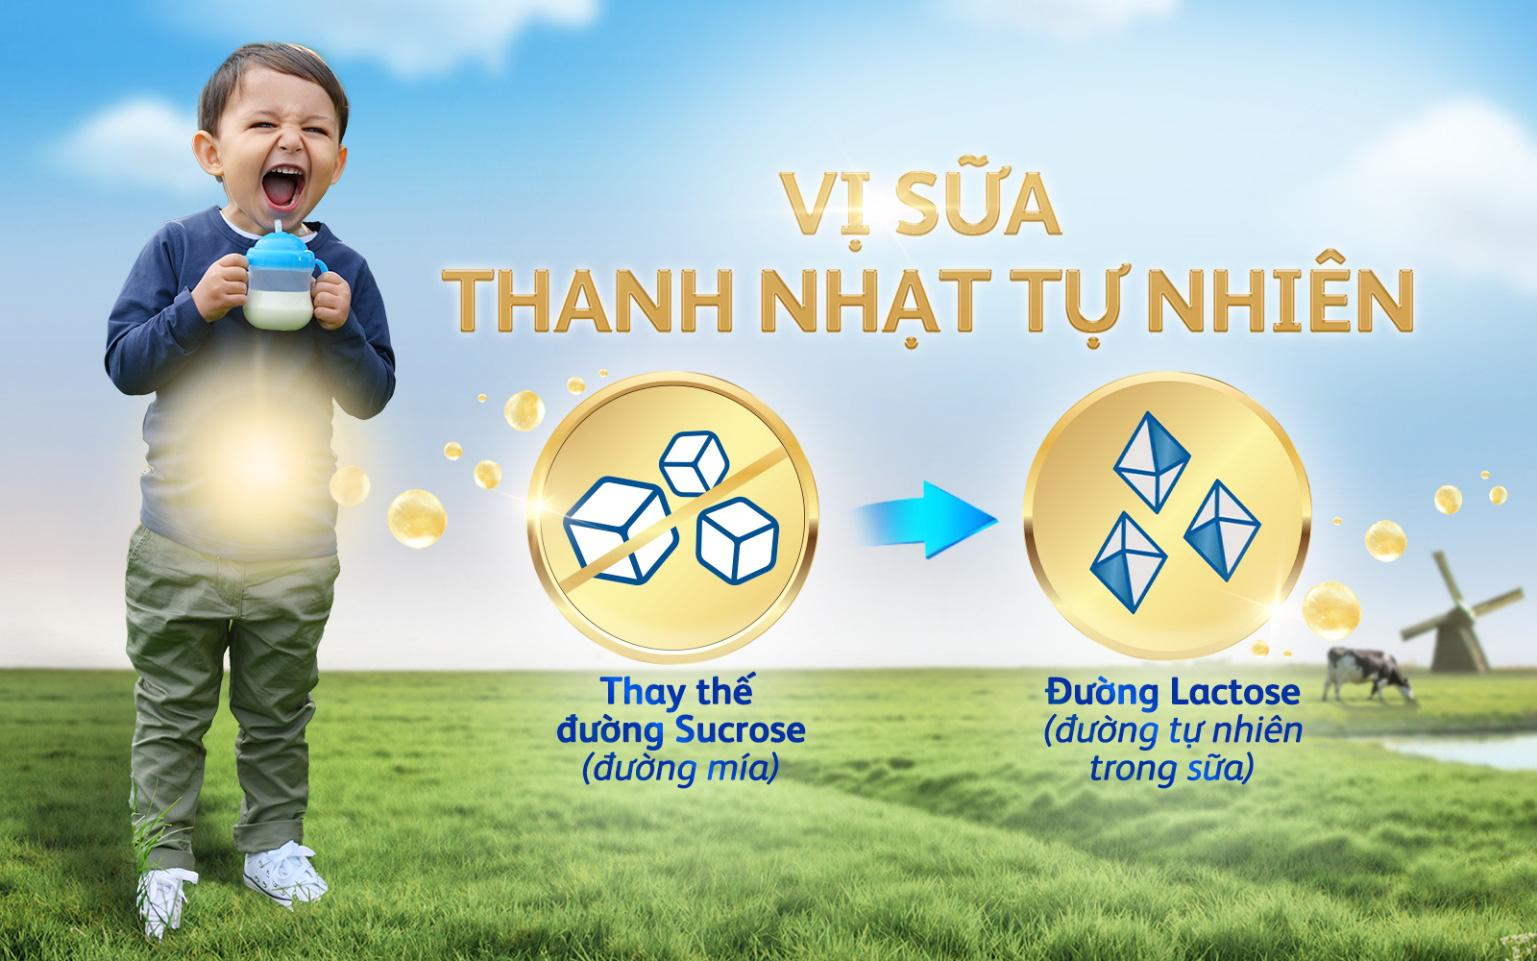 Friso Gold mới với nguồn sữa NOVAS 100% từ Châu Âu giúp bé dễ tiêu hóa - Ảnh 4.